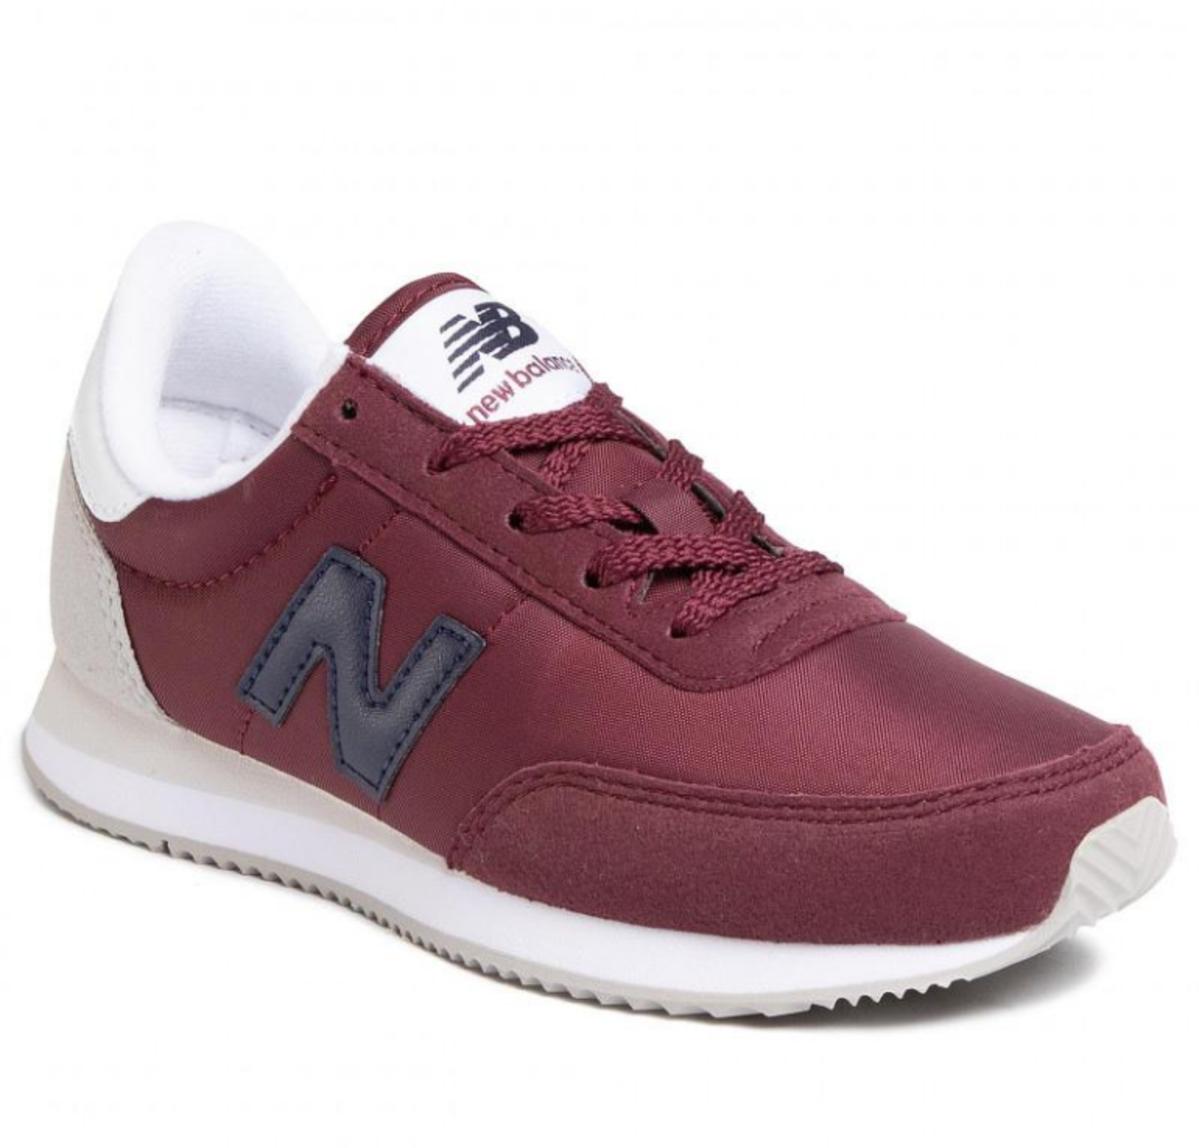 Trendy jesień 2020 sneakersy New Balance cena 149 zł